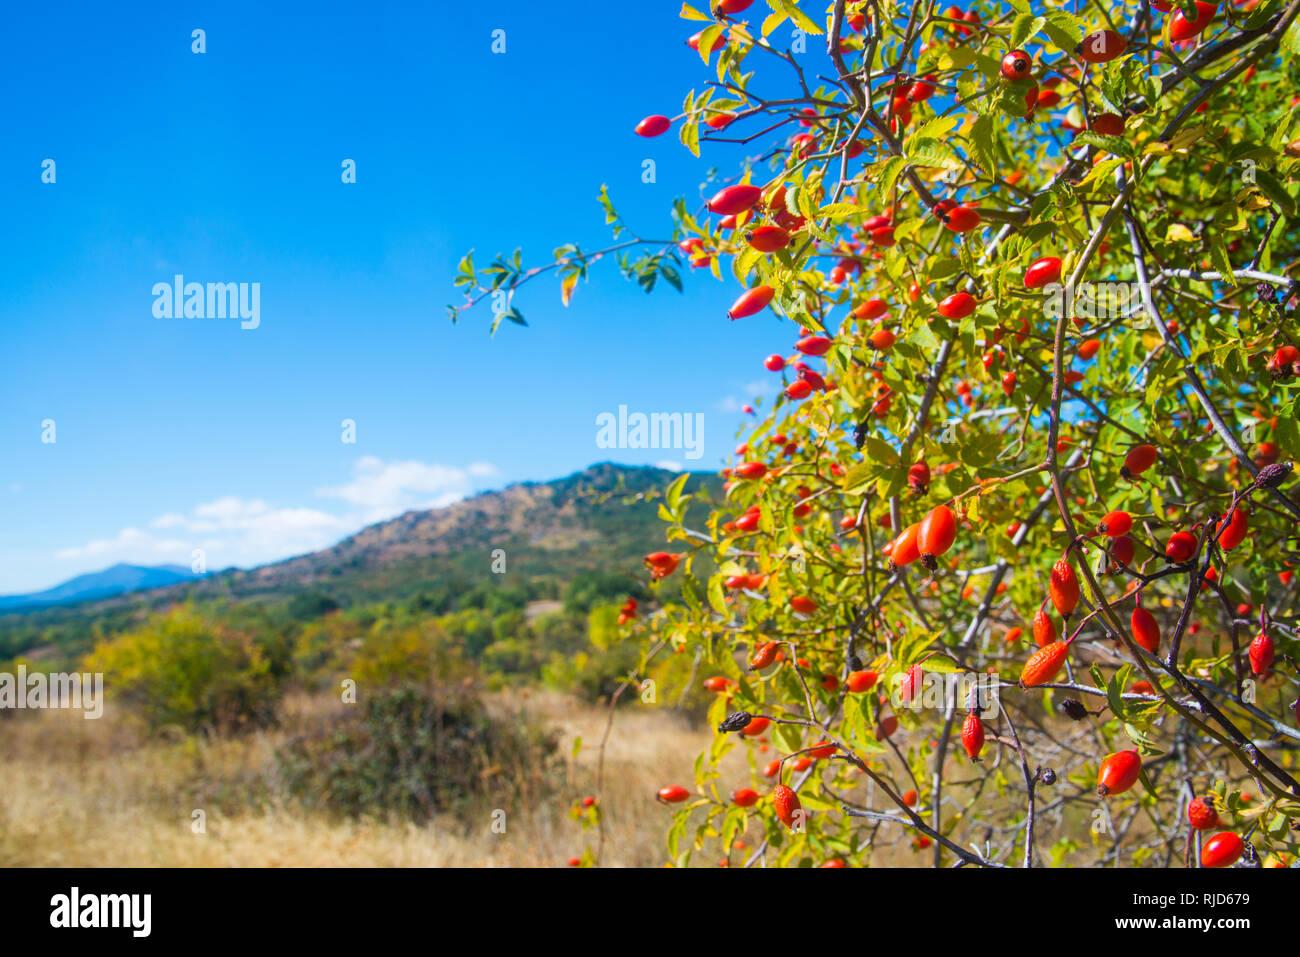 Wild Rose Bush e il paesaggio. Sierra del Rincon, provincia di Madrid, Spagna. Foto Stock